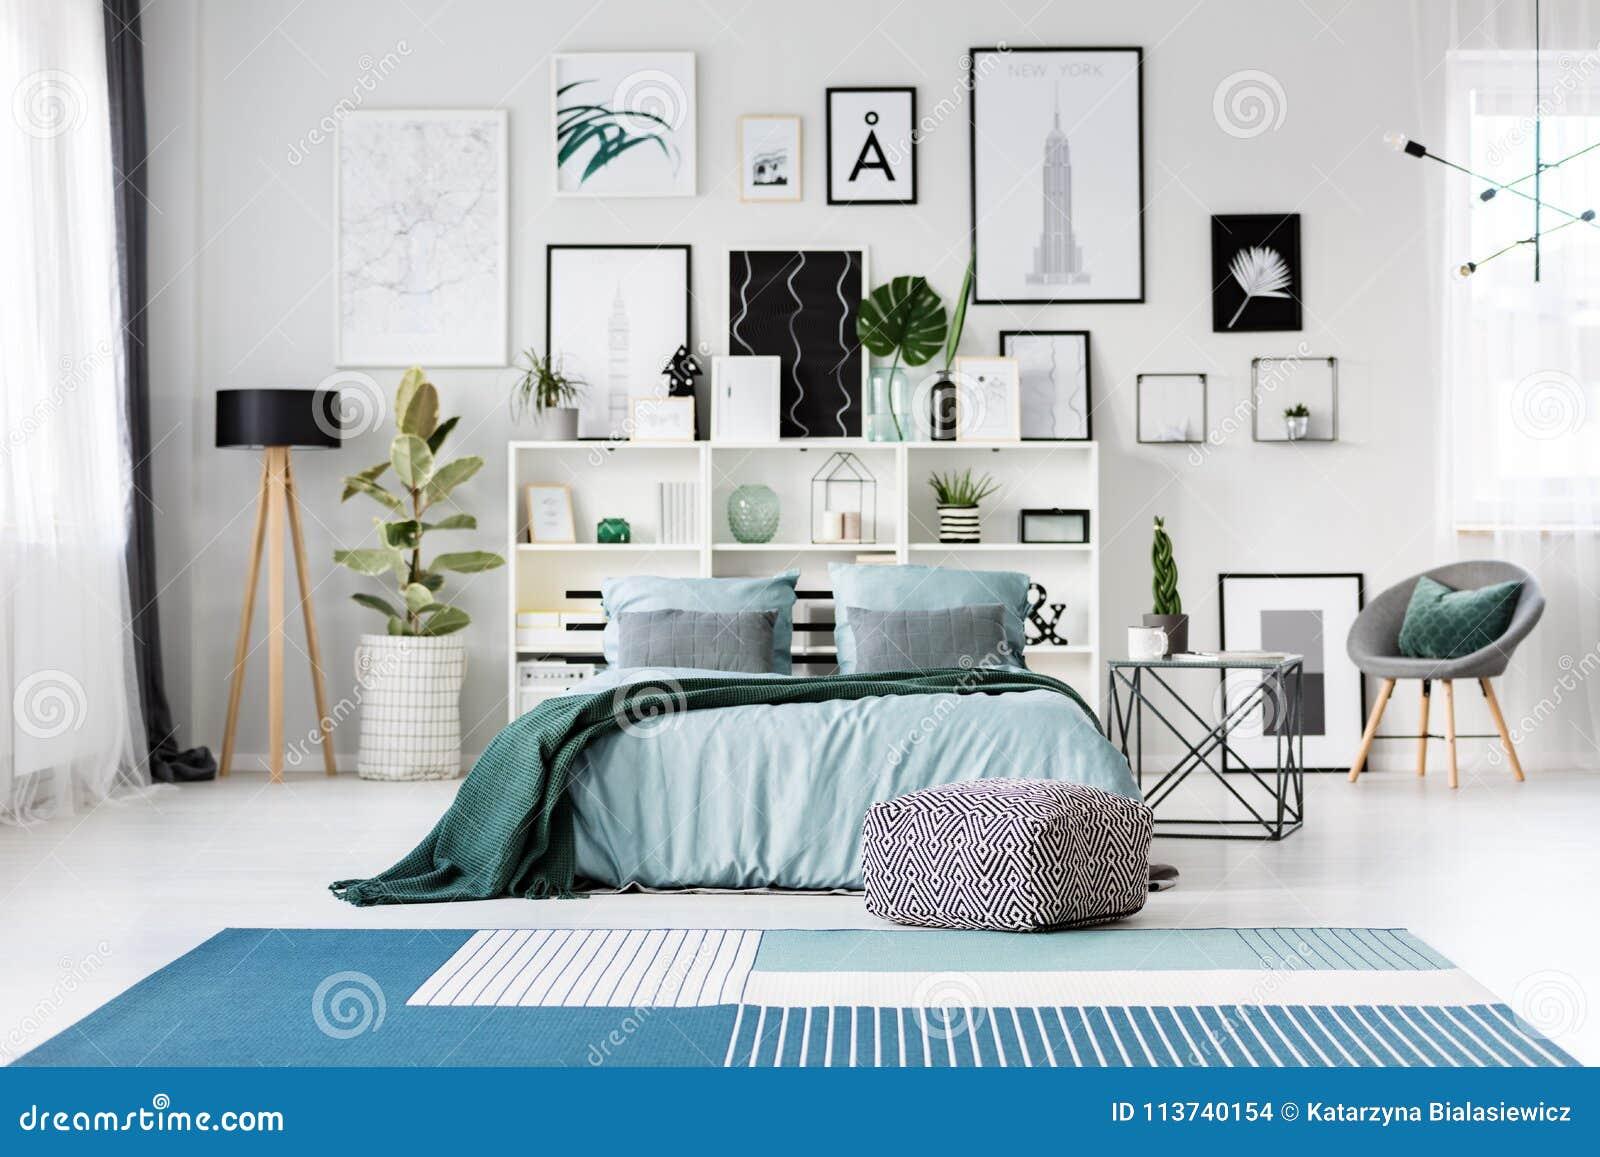 Decoratie In Slaapkamer : Blauw bed in slaapkamer stock foto. afbeelding bestaande uit